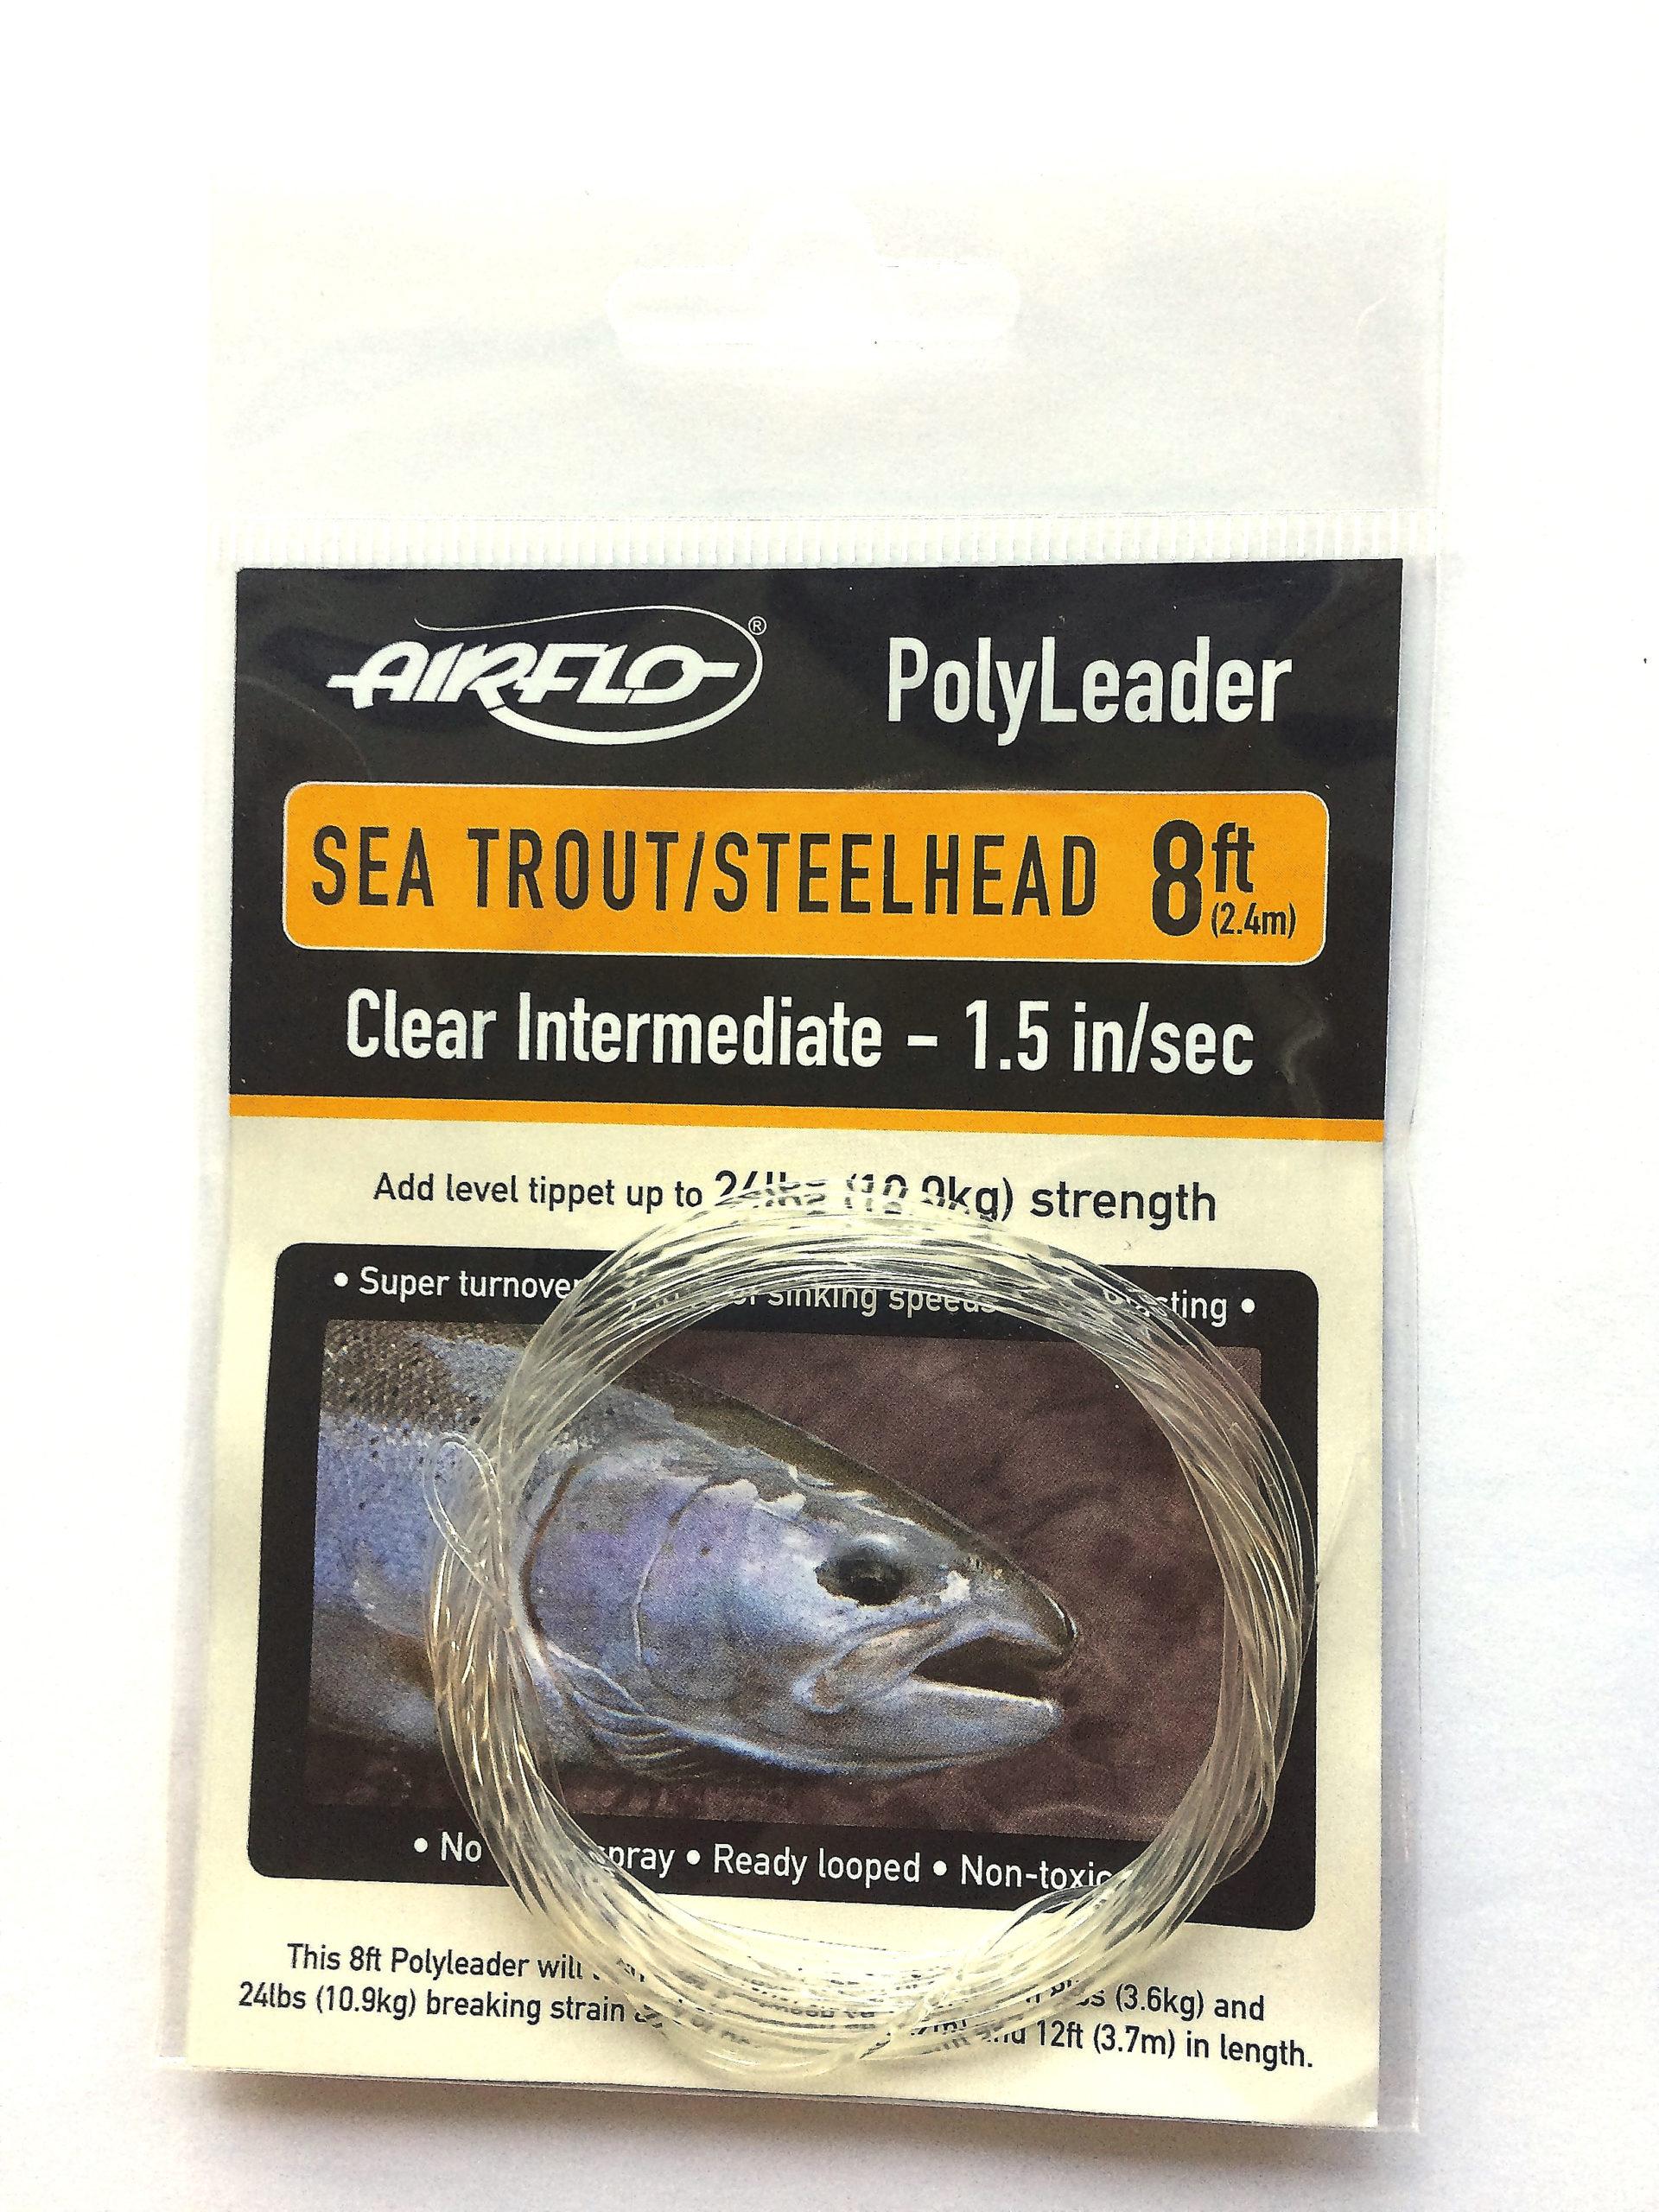 sea trout/steelhead 8ft